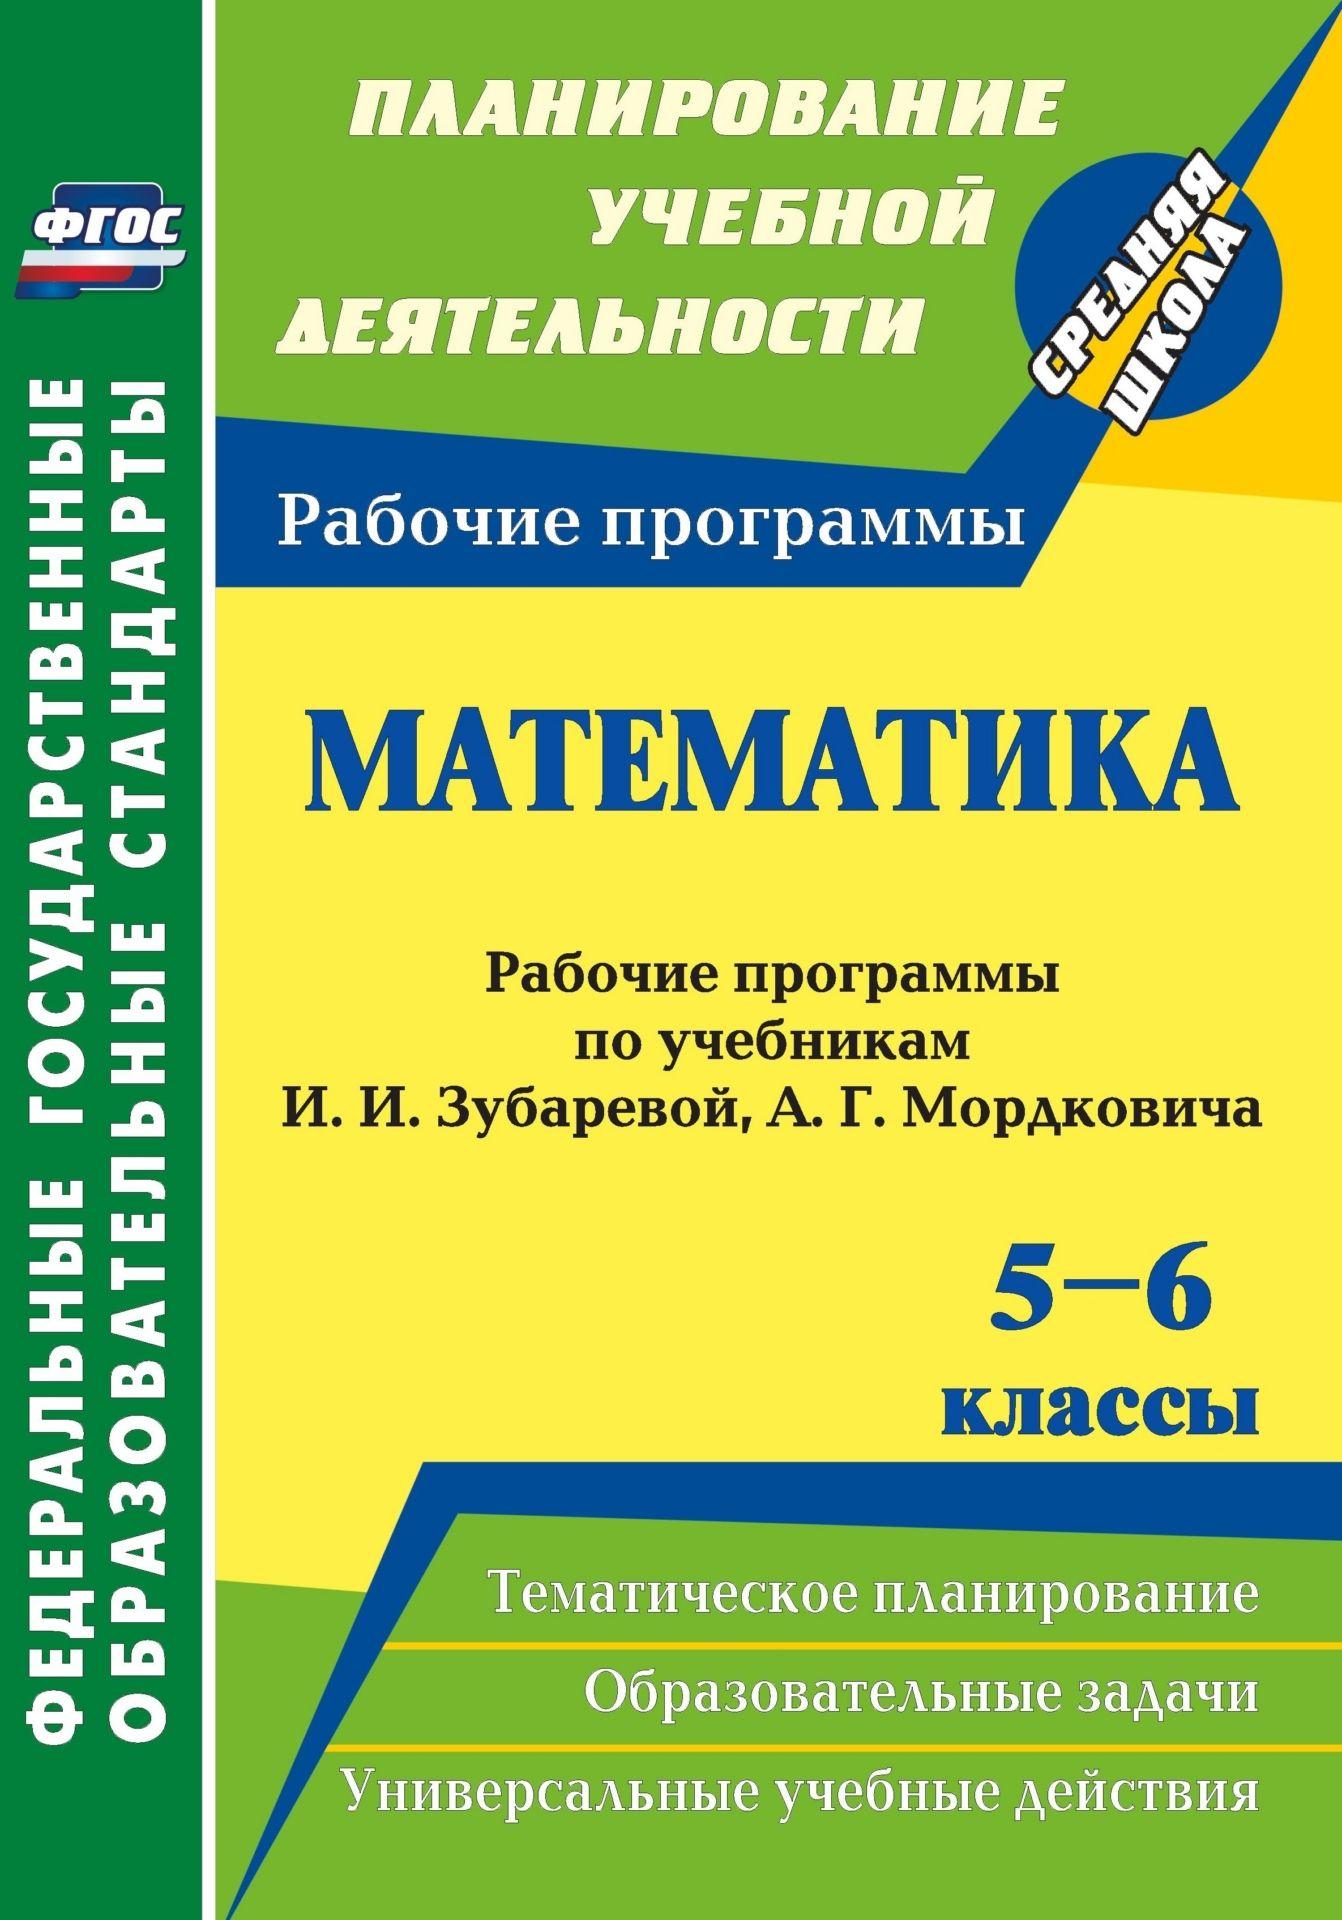 Математика. 5-6 классы: рабочие программы по учебникам И. И. Зубаревой, А. Г. МордковичаПредметы<br>В пособии представлены рабочие программы по математике для 5-6 классов, разработанные в соответствии с основными положениями федерального государственного образовательного стандарта и требованиями Примерной образовательной программы основного общего образ...<br><br>Авторы: Кокиева Л. Д., Булгакова Е. Ю.<br>Год: 2014<br>Серия: ФГОС. Планирование учебной деятельности<br>ISBN: 978-5-7057-2895-4<br>Высота: 285<br>Ширина: 203<br>Толщина: 7<br>Переплёт: мягкая, склейка